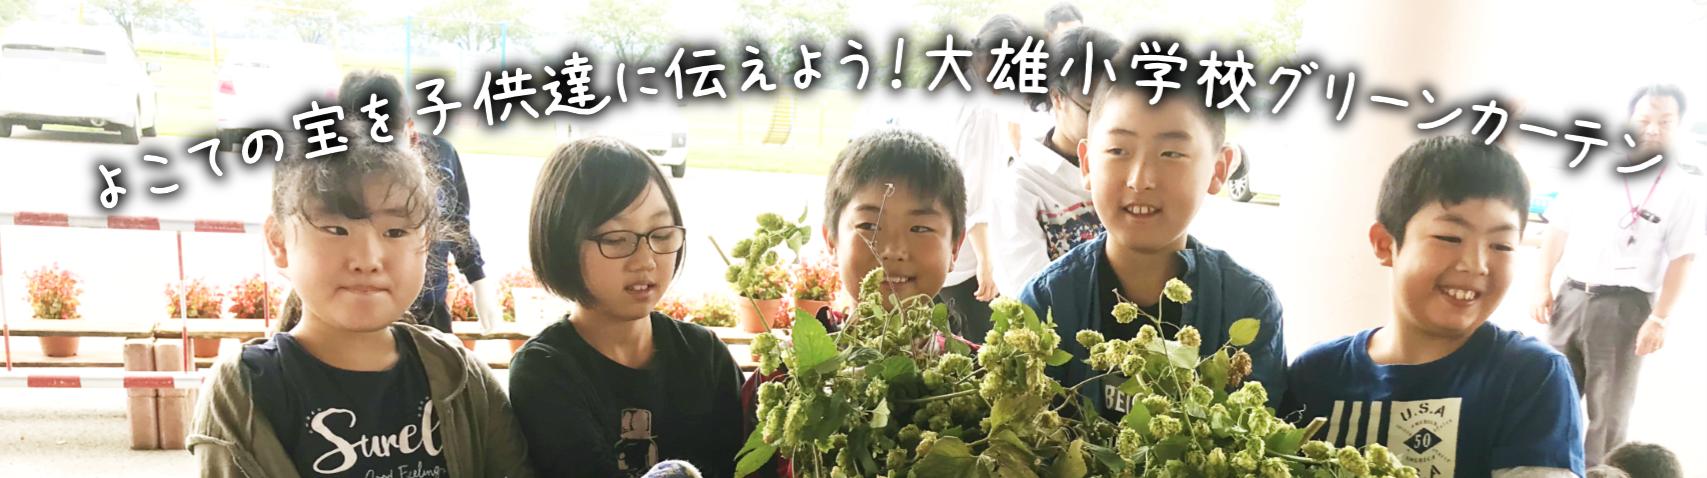 大雄小学校グリーンカーテン写真1